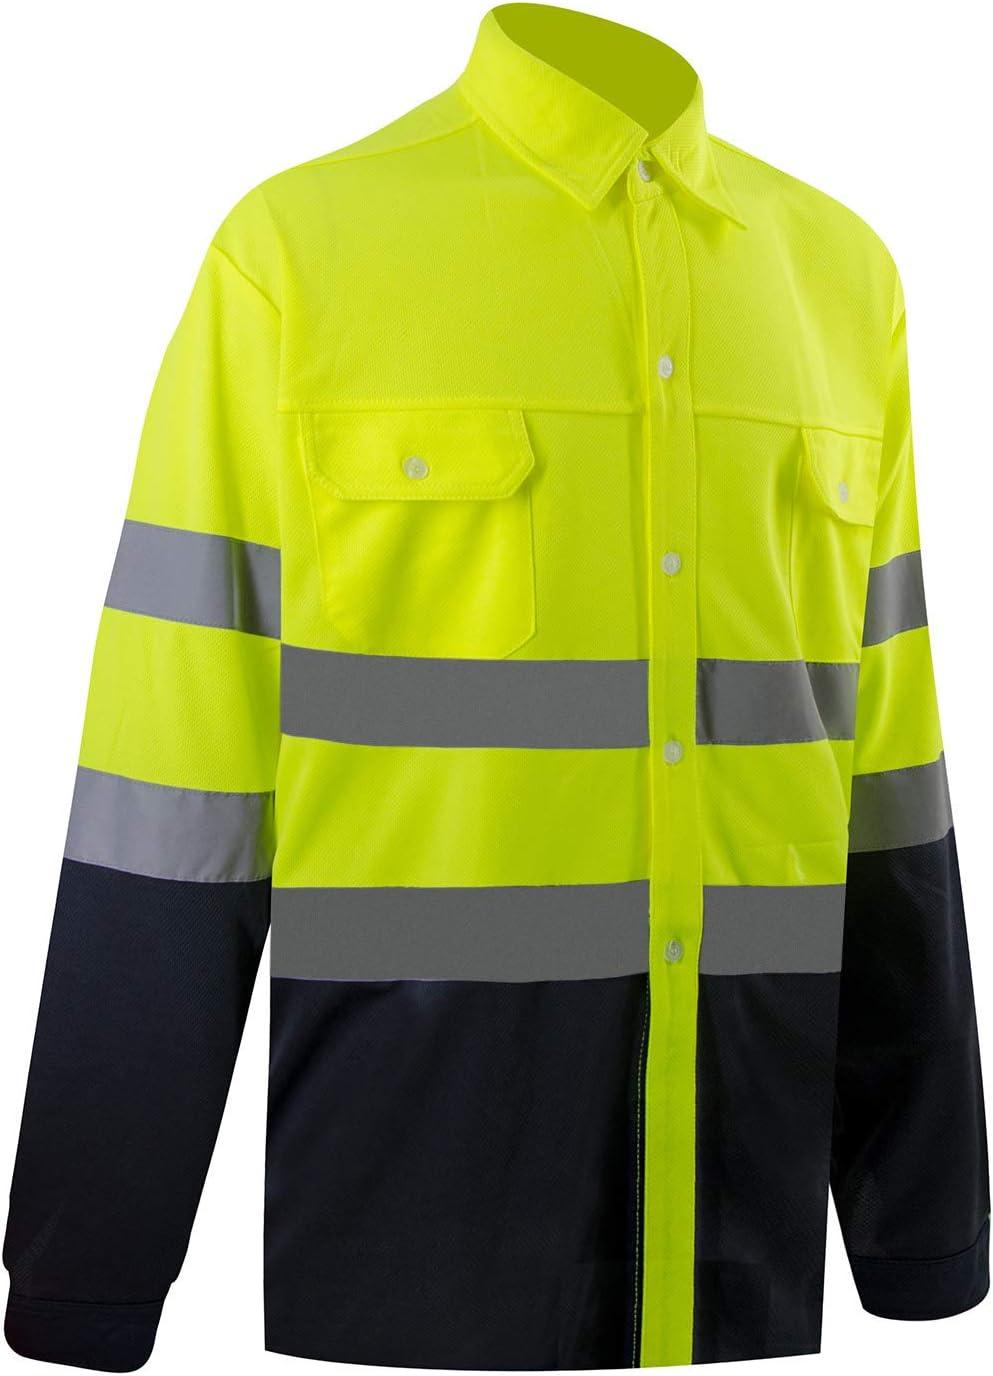 Camisas de seguridad para hombre, con bolsillos, clase 3, ANSI de alta visibilidad, ropa de seguridad de alta visibilidad para hombres, manga larga: Amazon.es: Bricolaje y herramientas